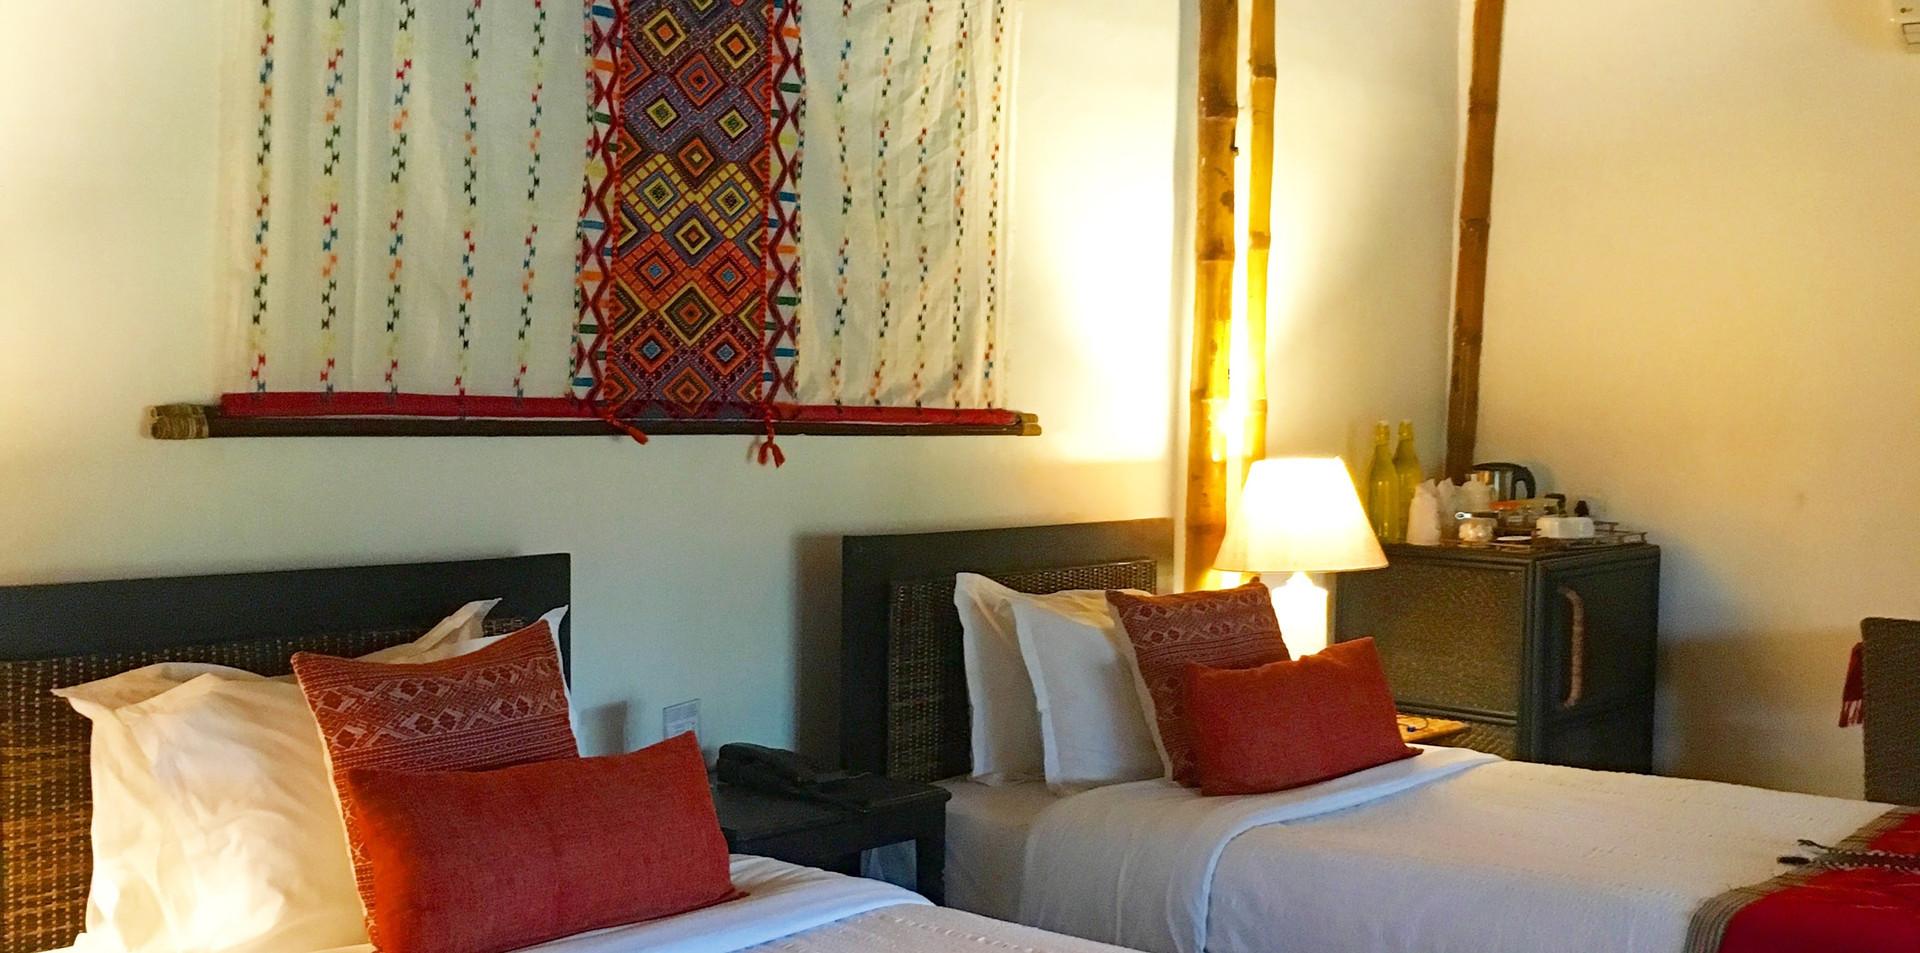 Diphlu River Lodge cottage interior.jpg